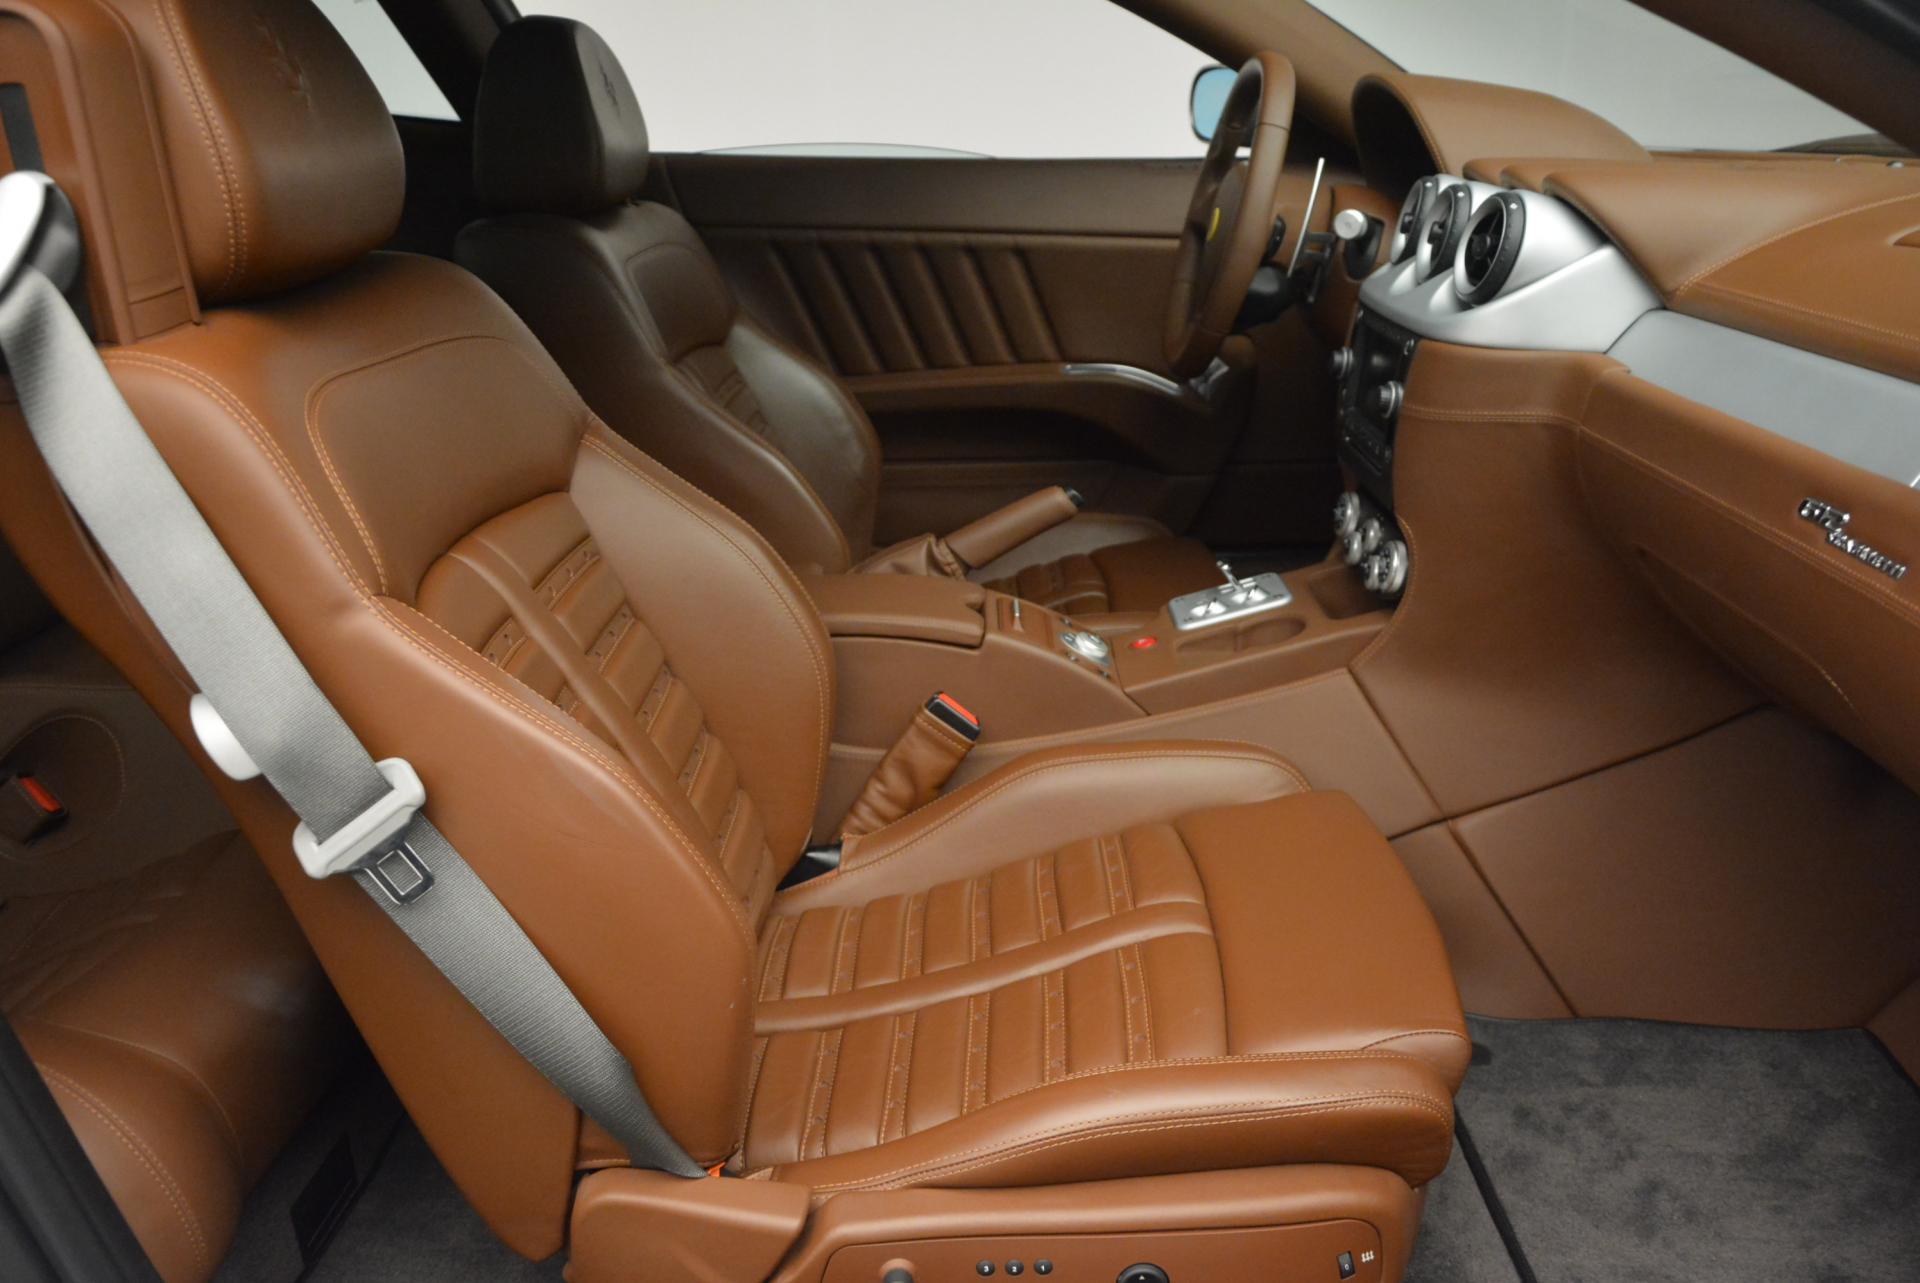 Used 2009 Ferrari 612 Scaglietti OTO For Sale In Greenwich, CT 141_p19